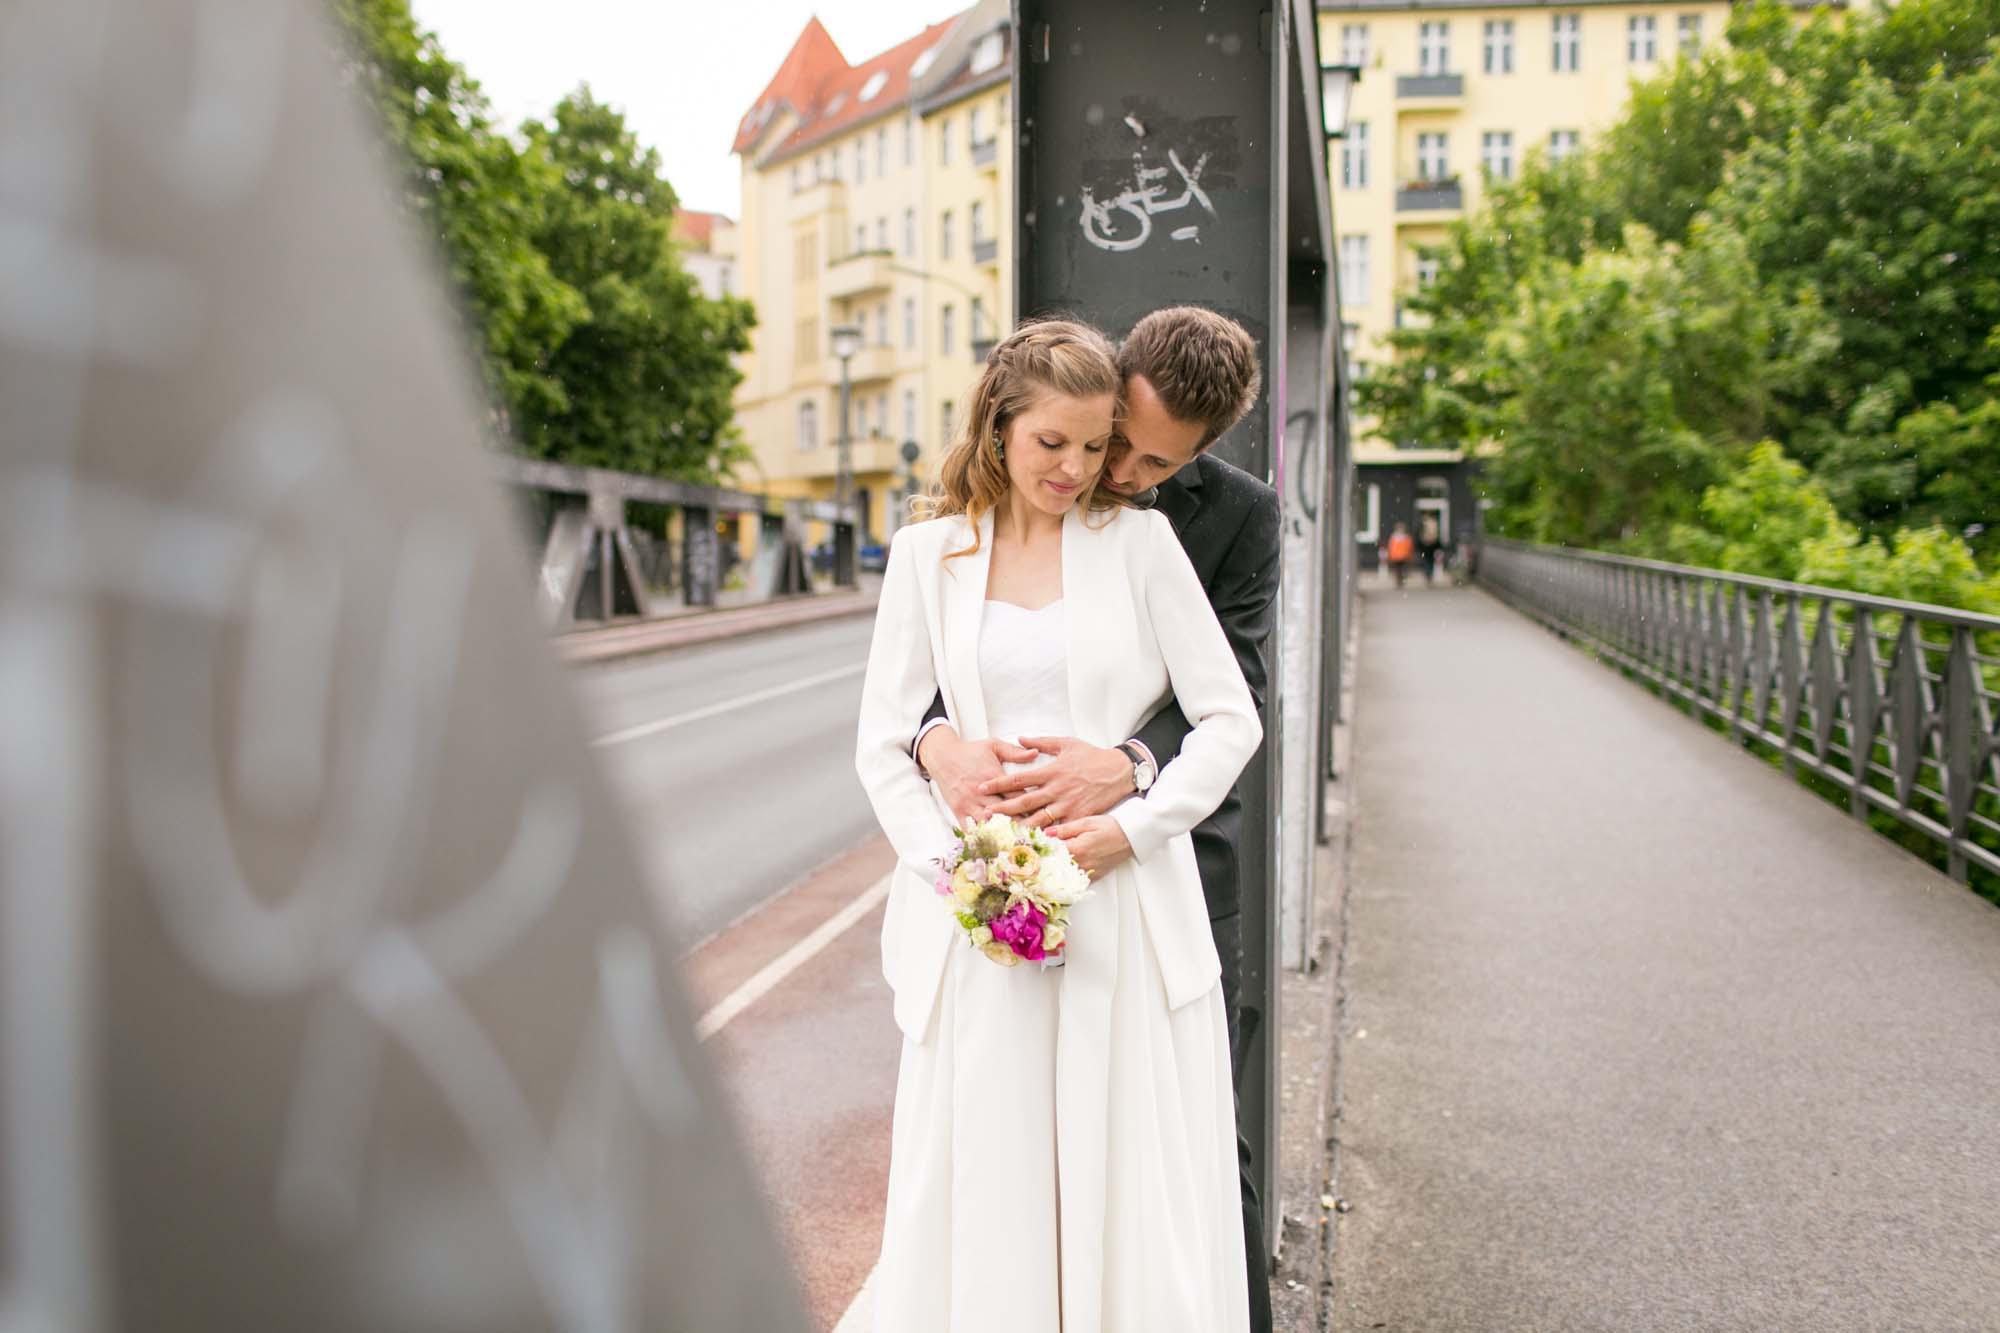 Katz Orange Berlin Hochzeitsfotografie-16.jpg